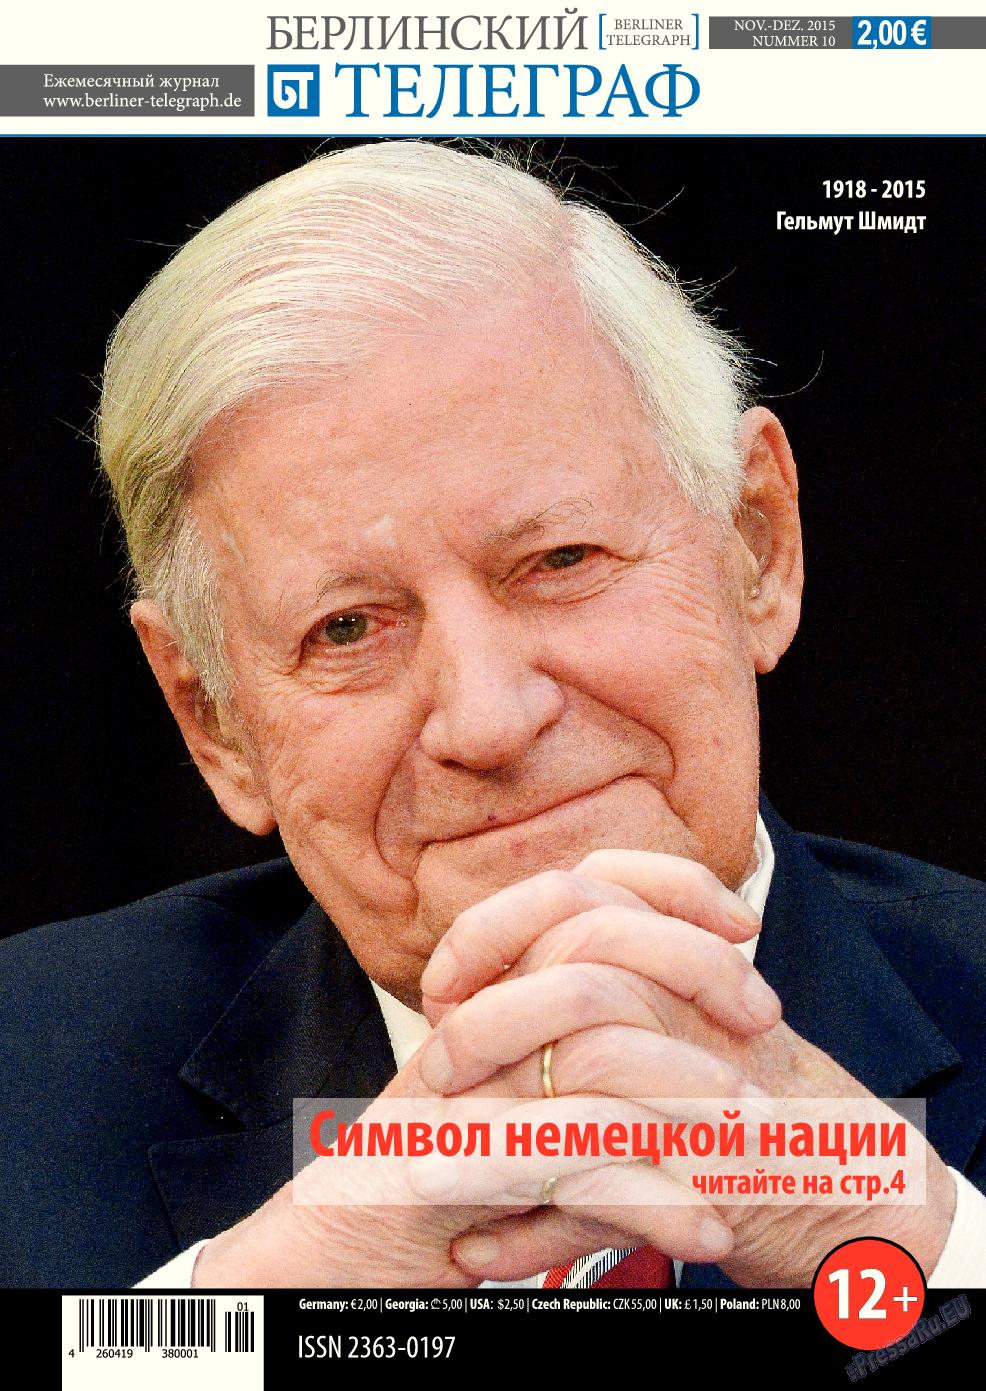 Берлинский телеграф (журнал). 2015 год, номер 11, стр. 1